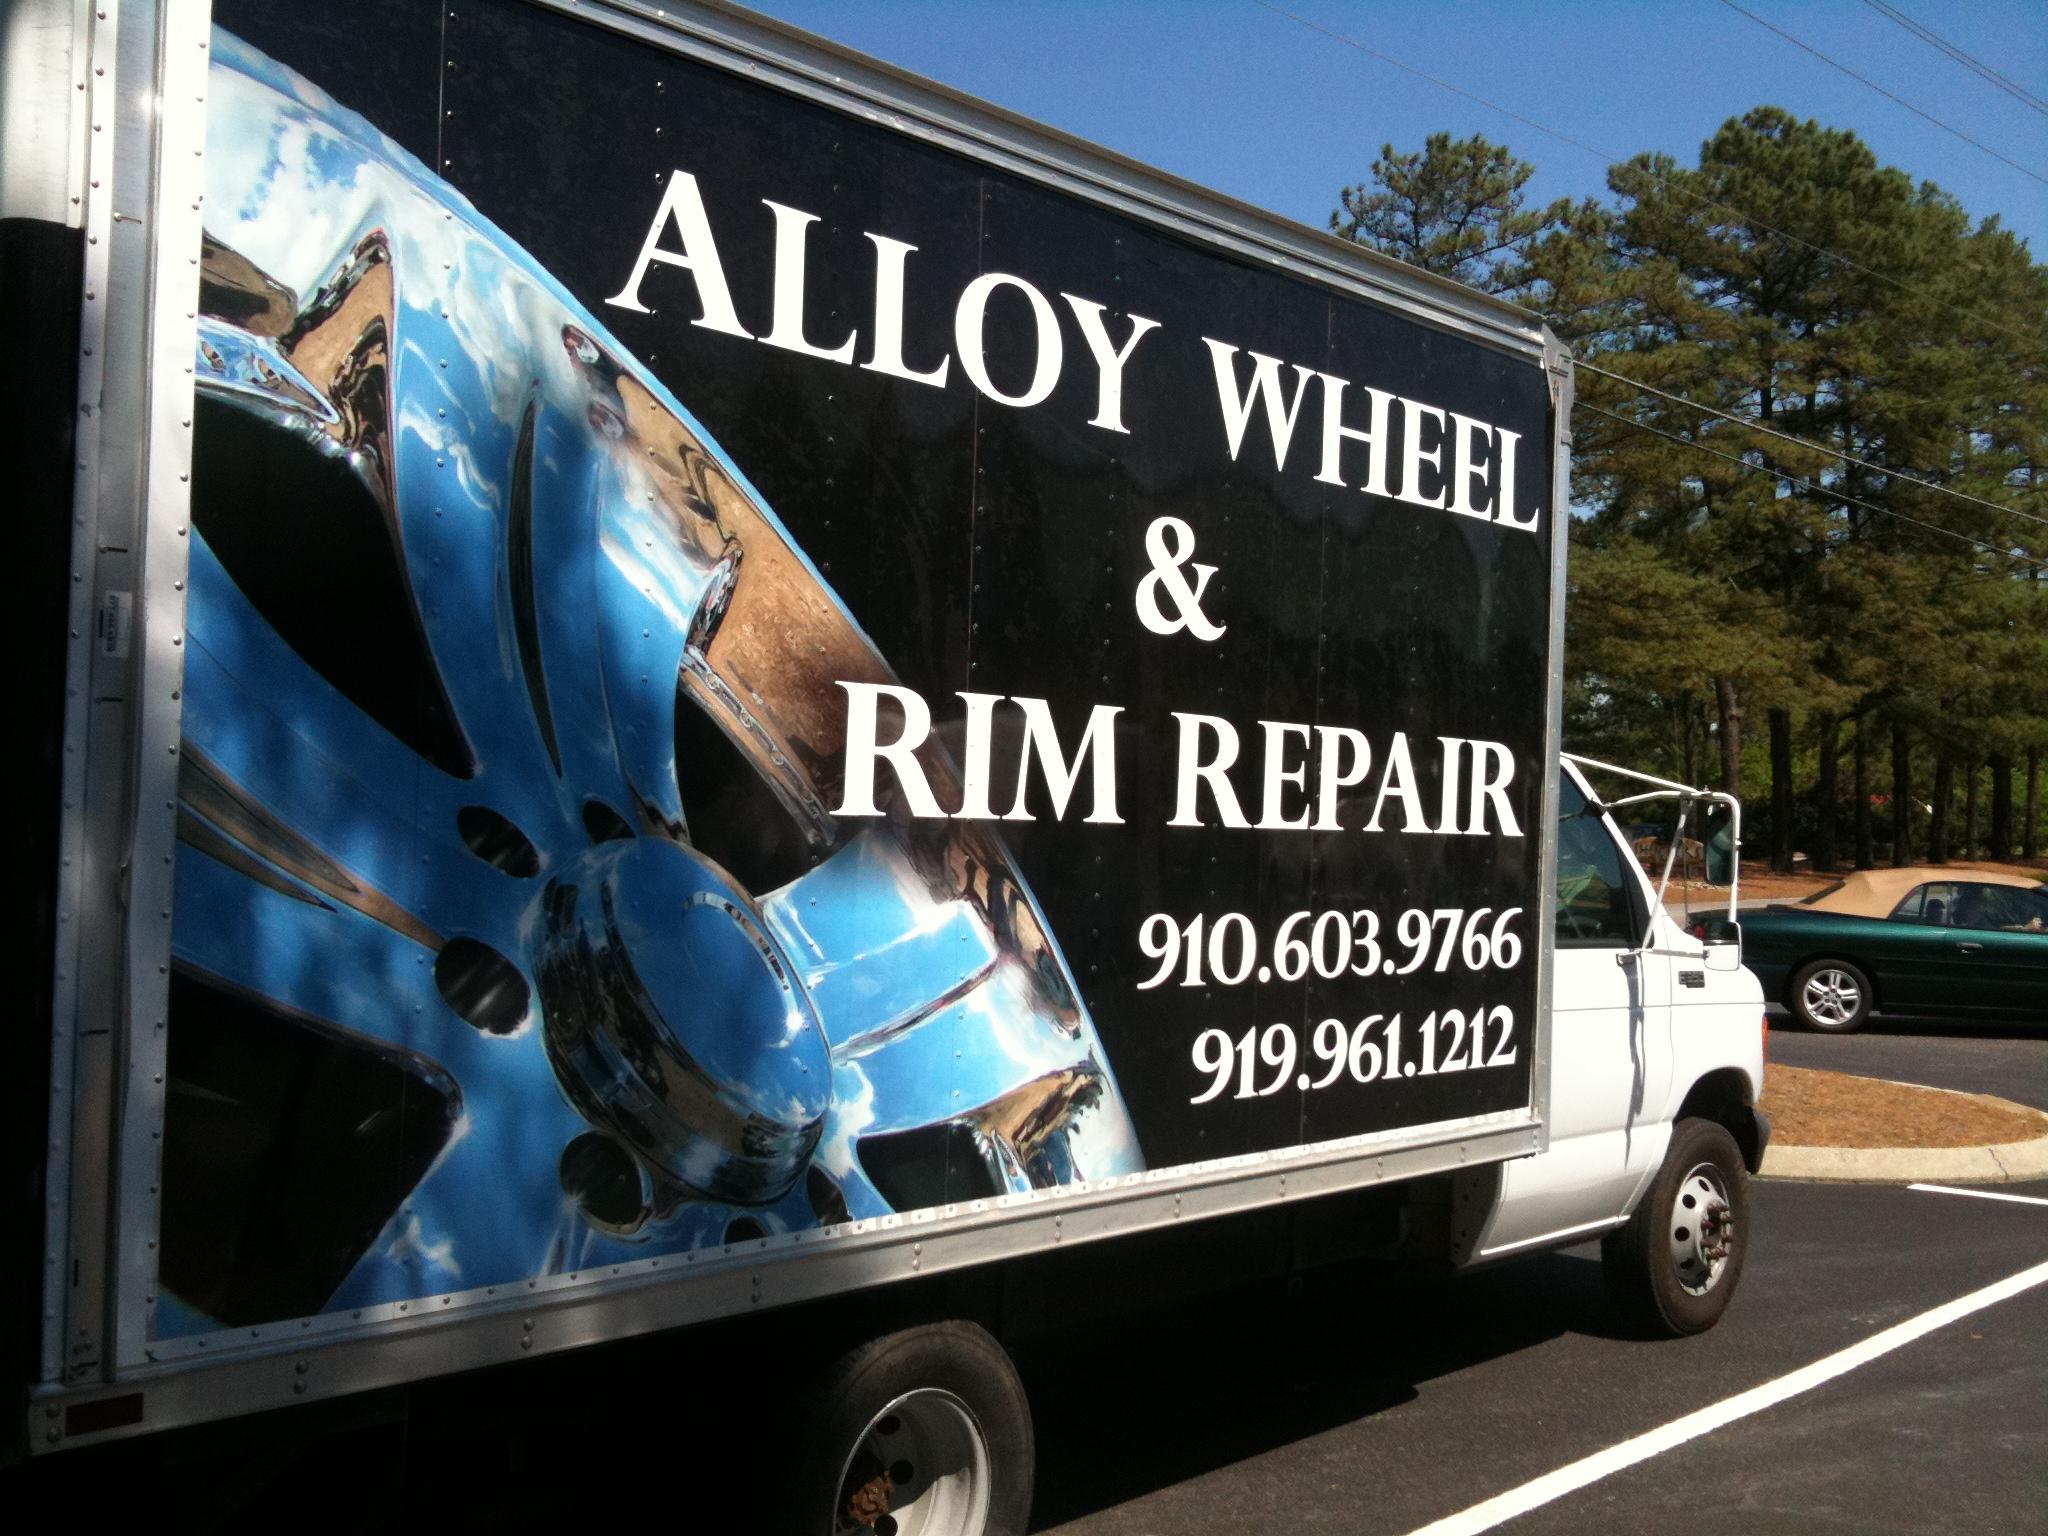 Alloy wrap